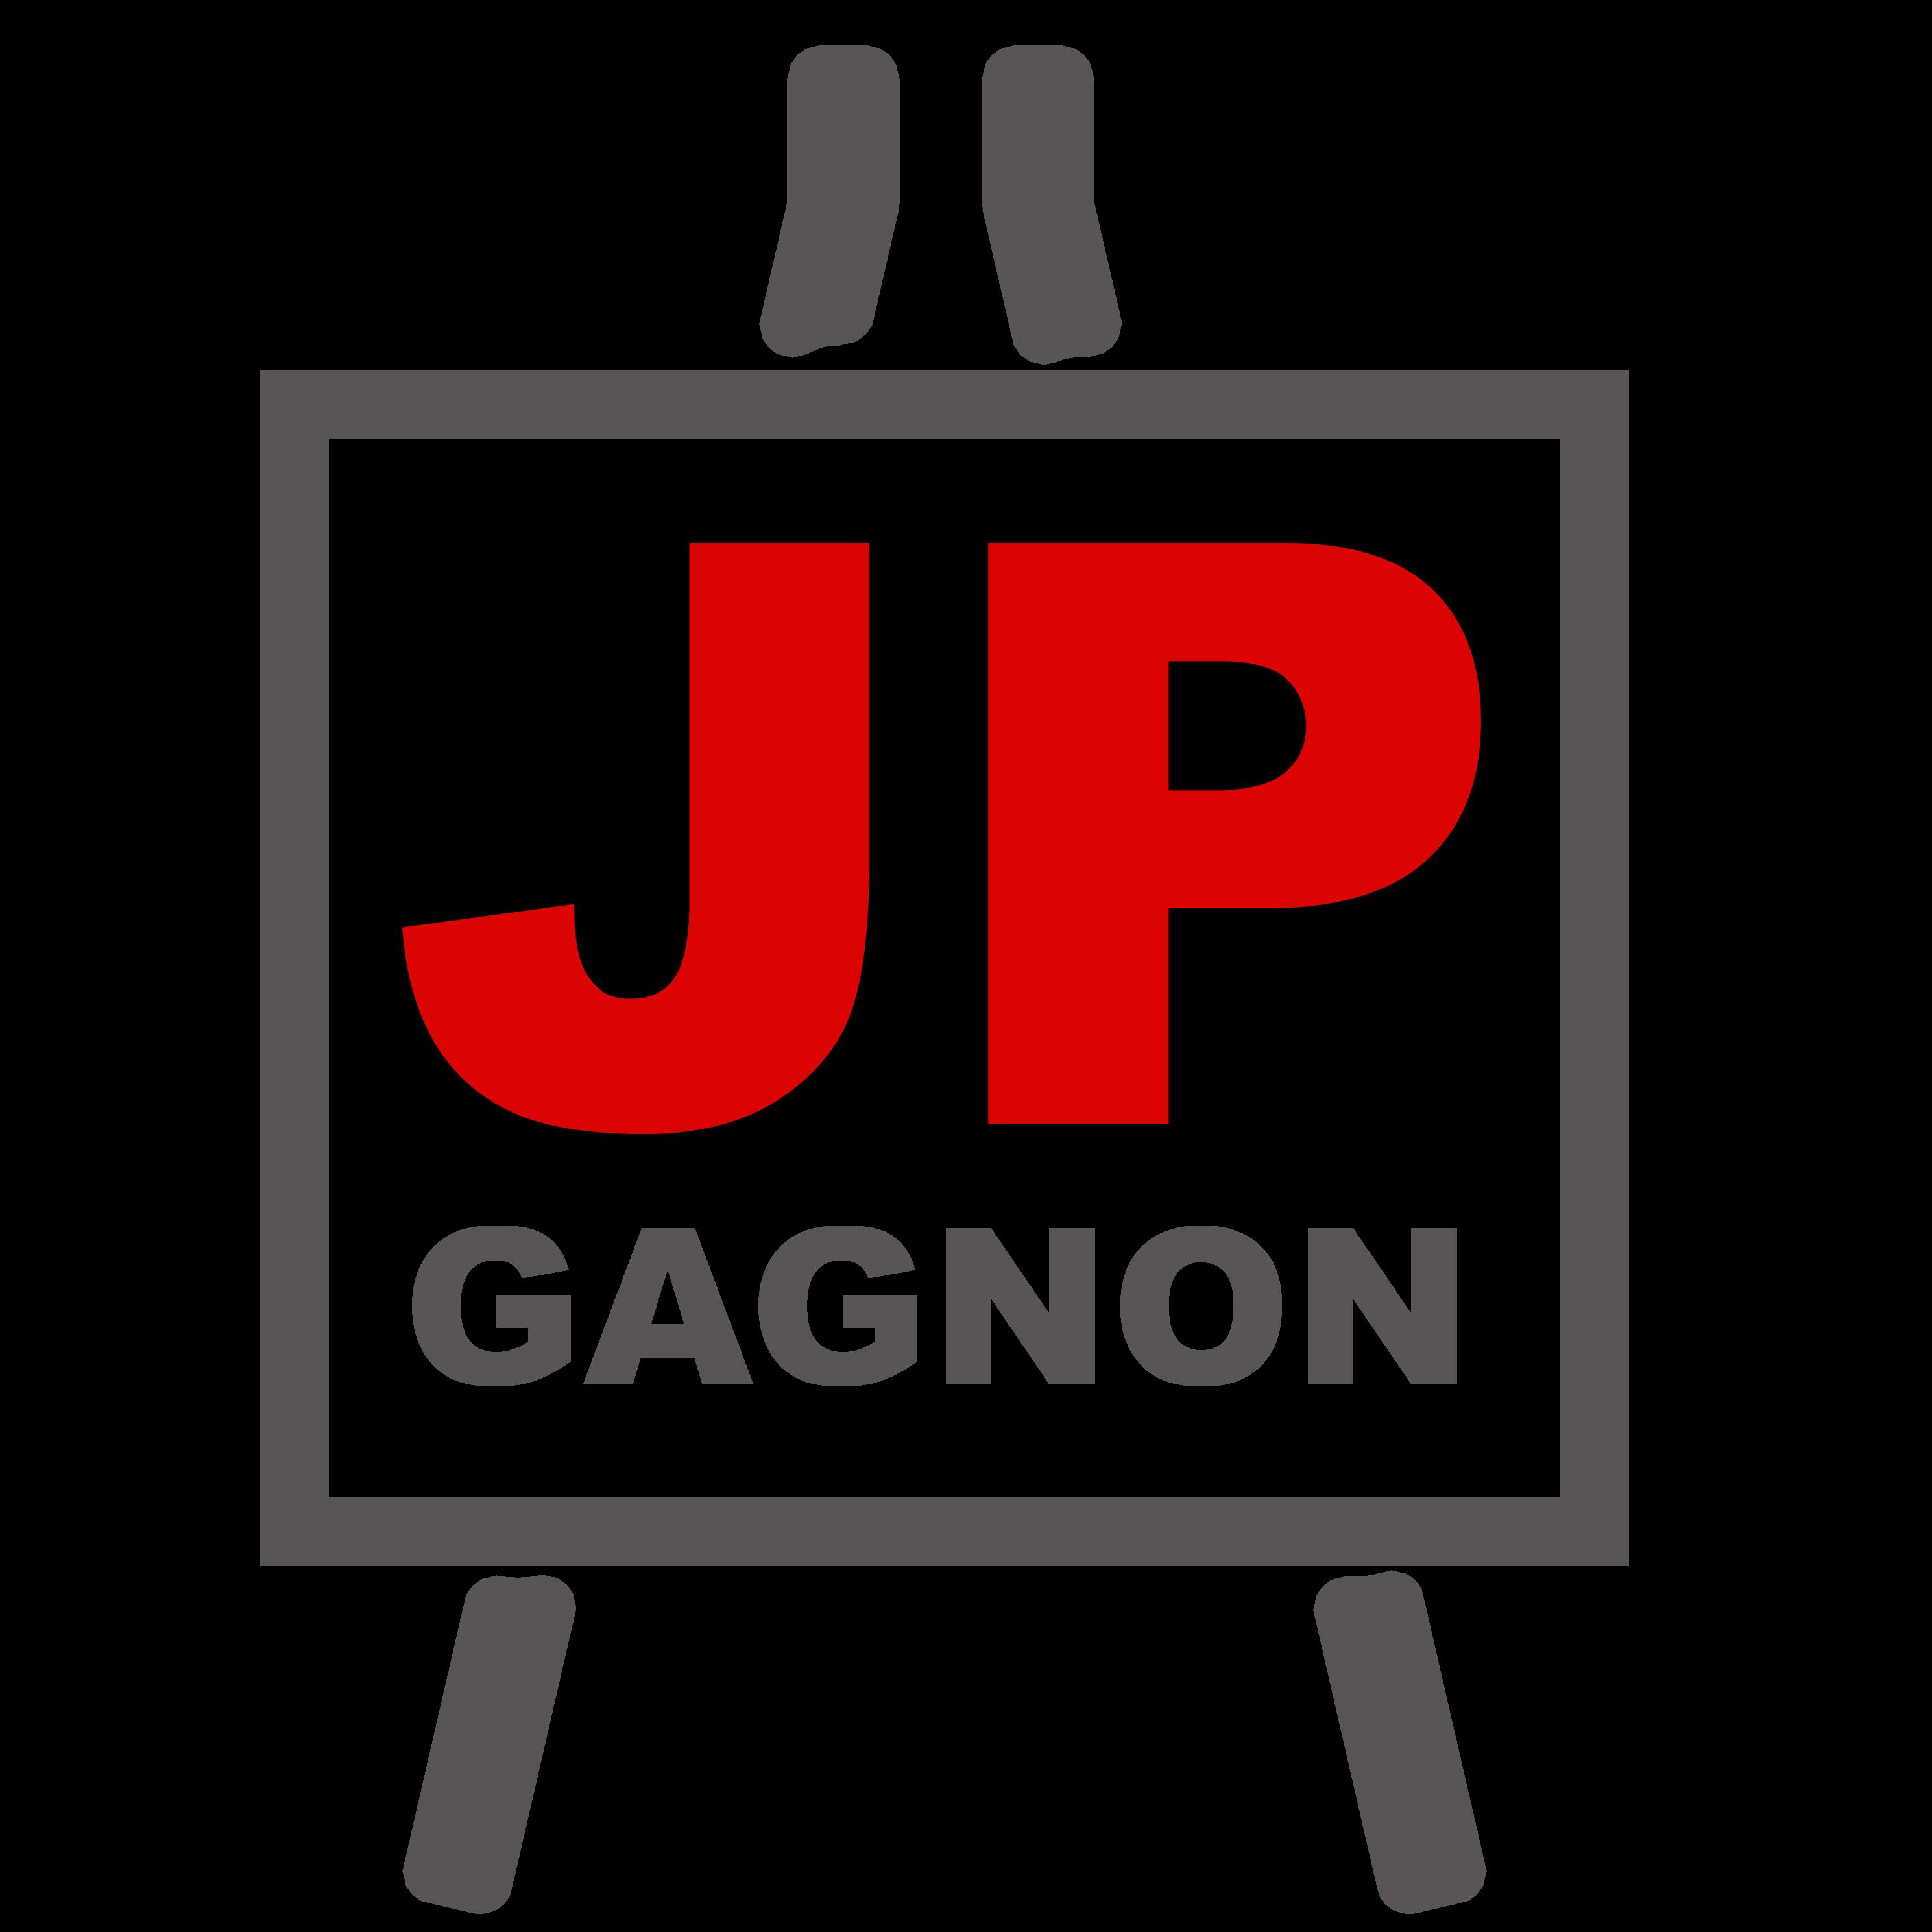 Atelier du peintre Jean-Pierre Gagnon